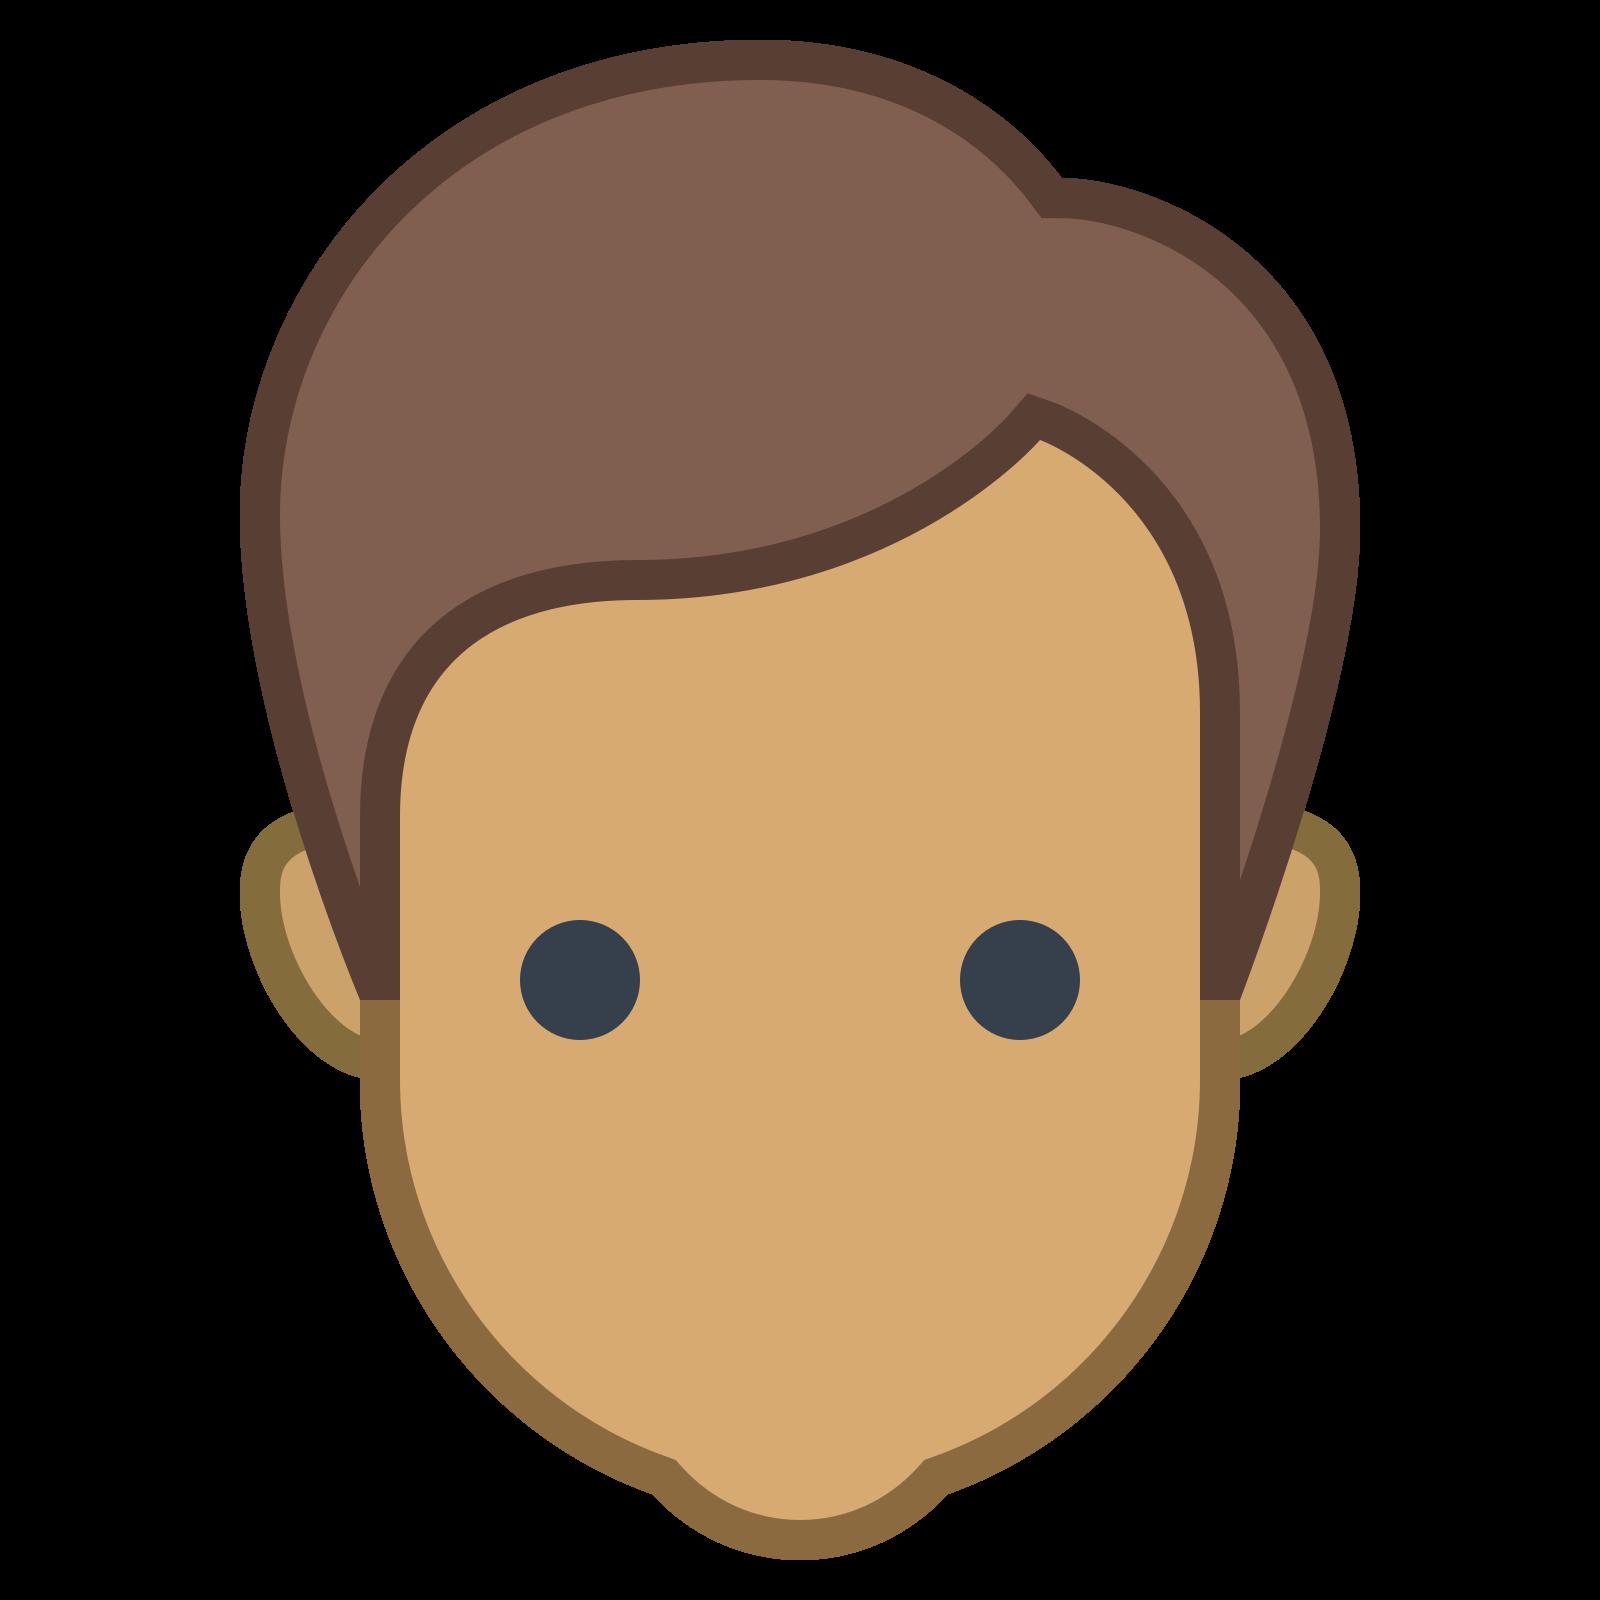 Użytkownik Mężczyzna Typ skóry 5 icon